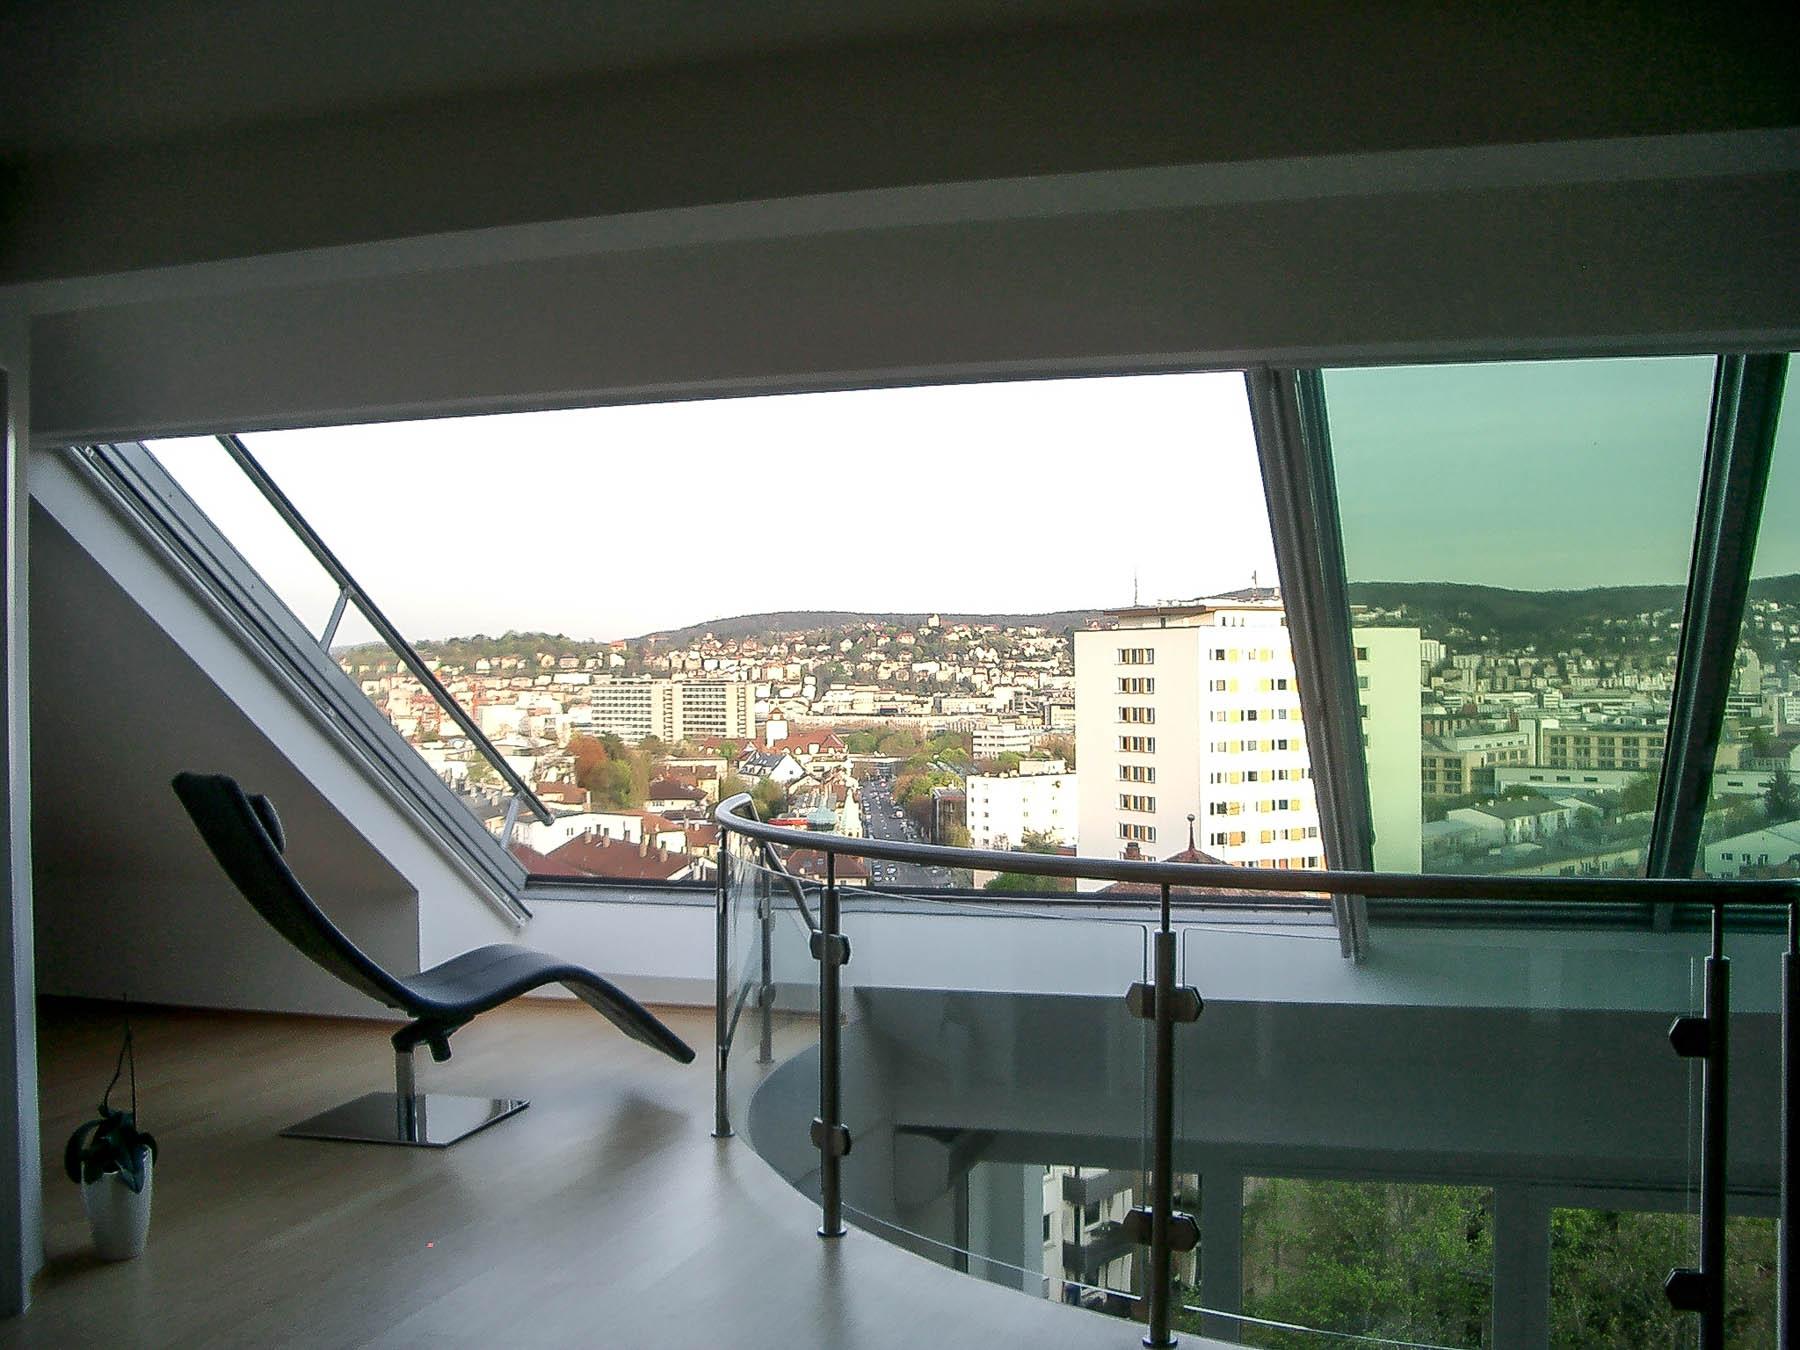 Dachfenster Panorama in Stuttgart (Objekt 1072). Ungehinderter Ausblick auf die Innenstadt von Stuttgart